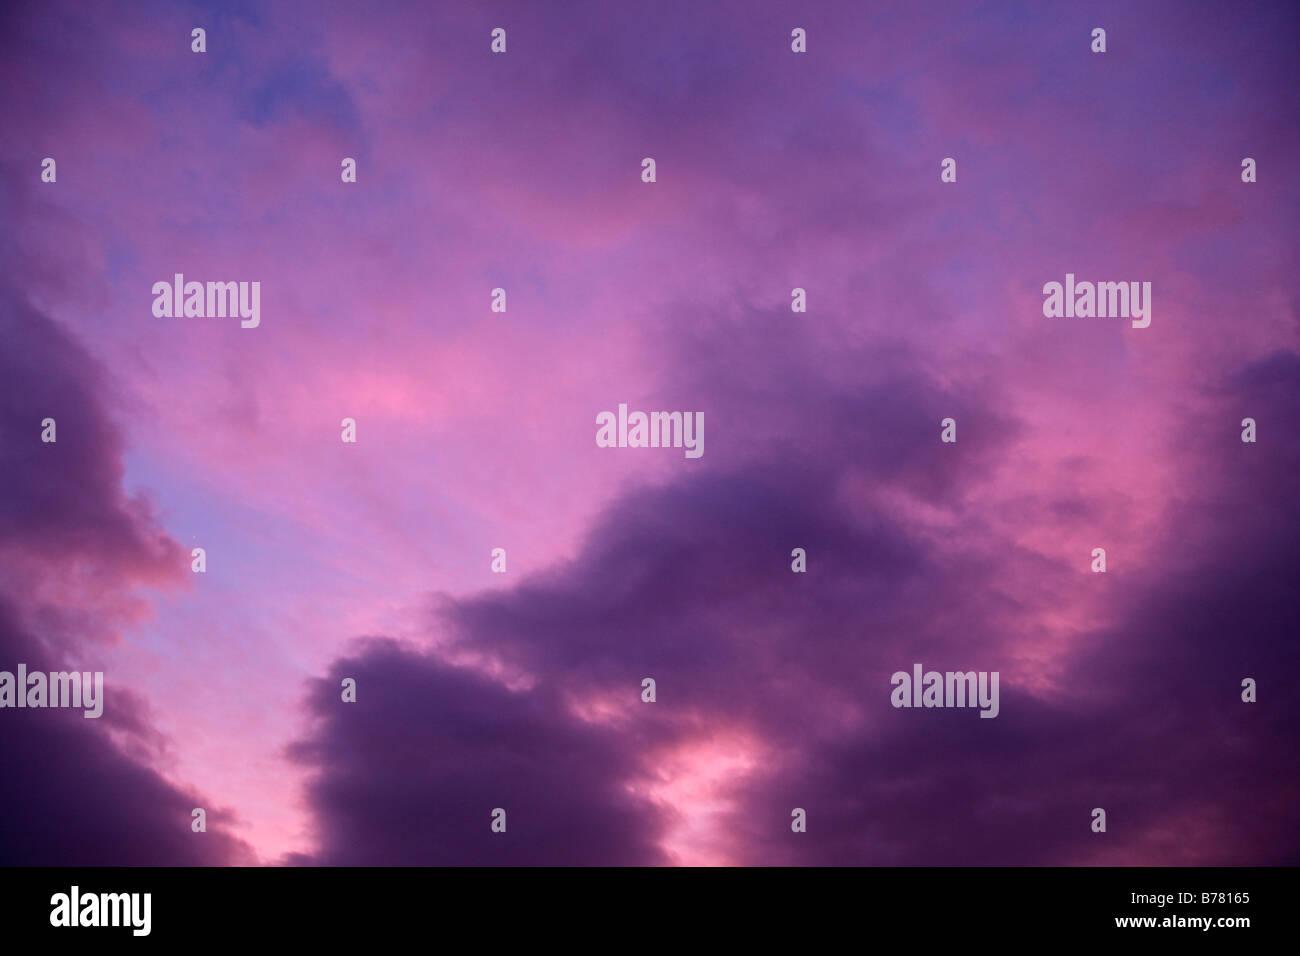 Viola Cielo e nubi sfondo sullo sfondo Immagini Stock